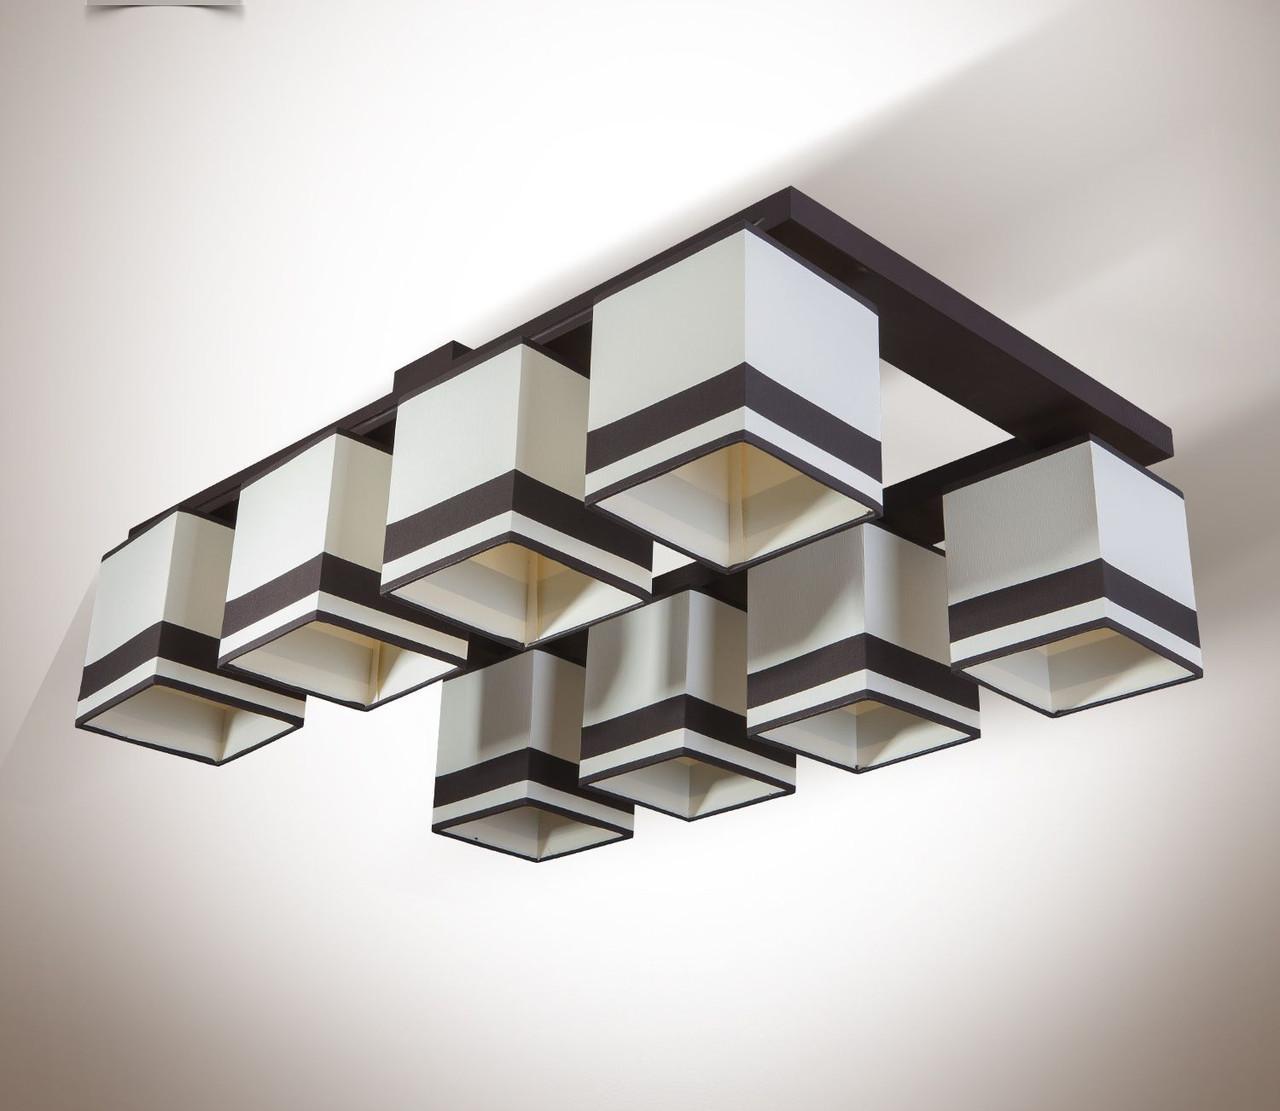 Люстра 8 ламповая, деревянная c абажурами для гостиной, кабинета 19408